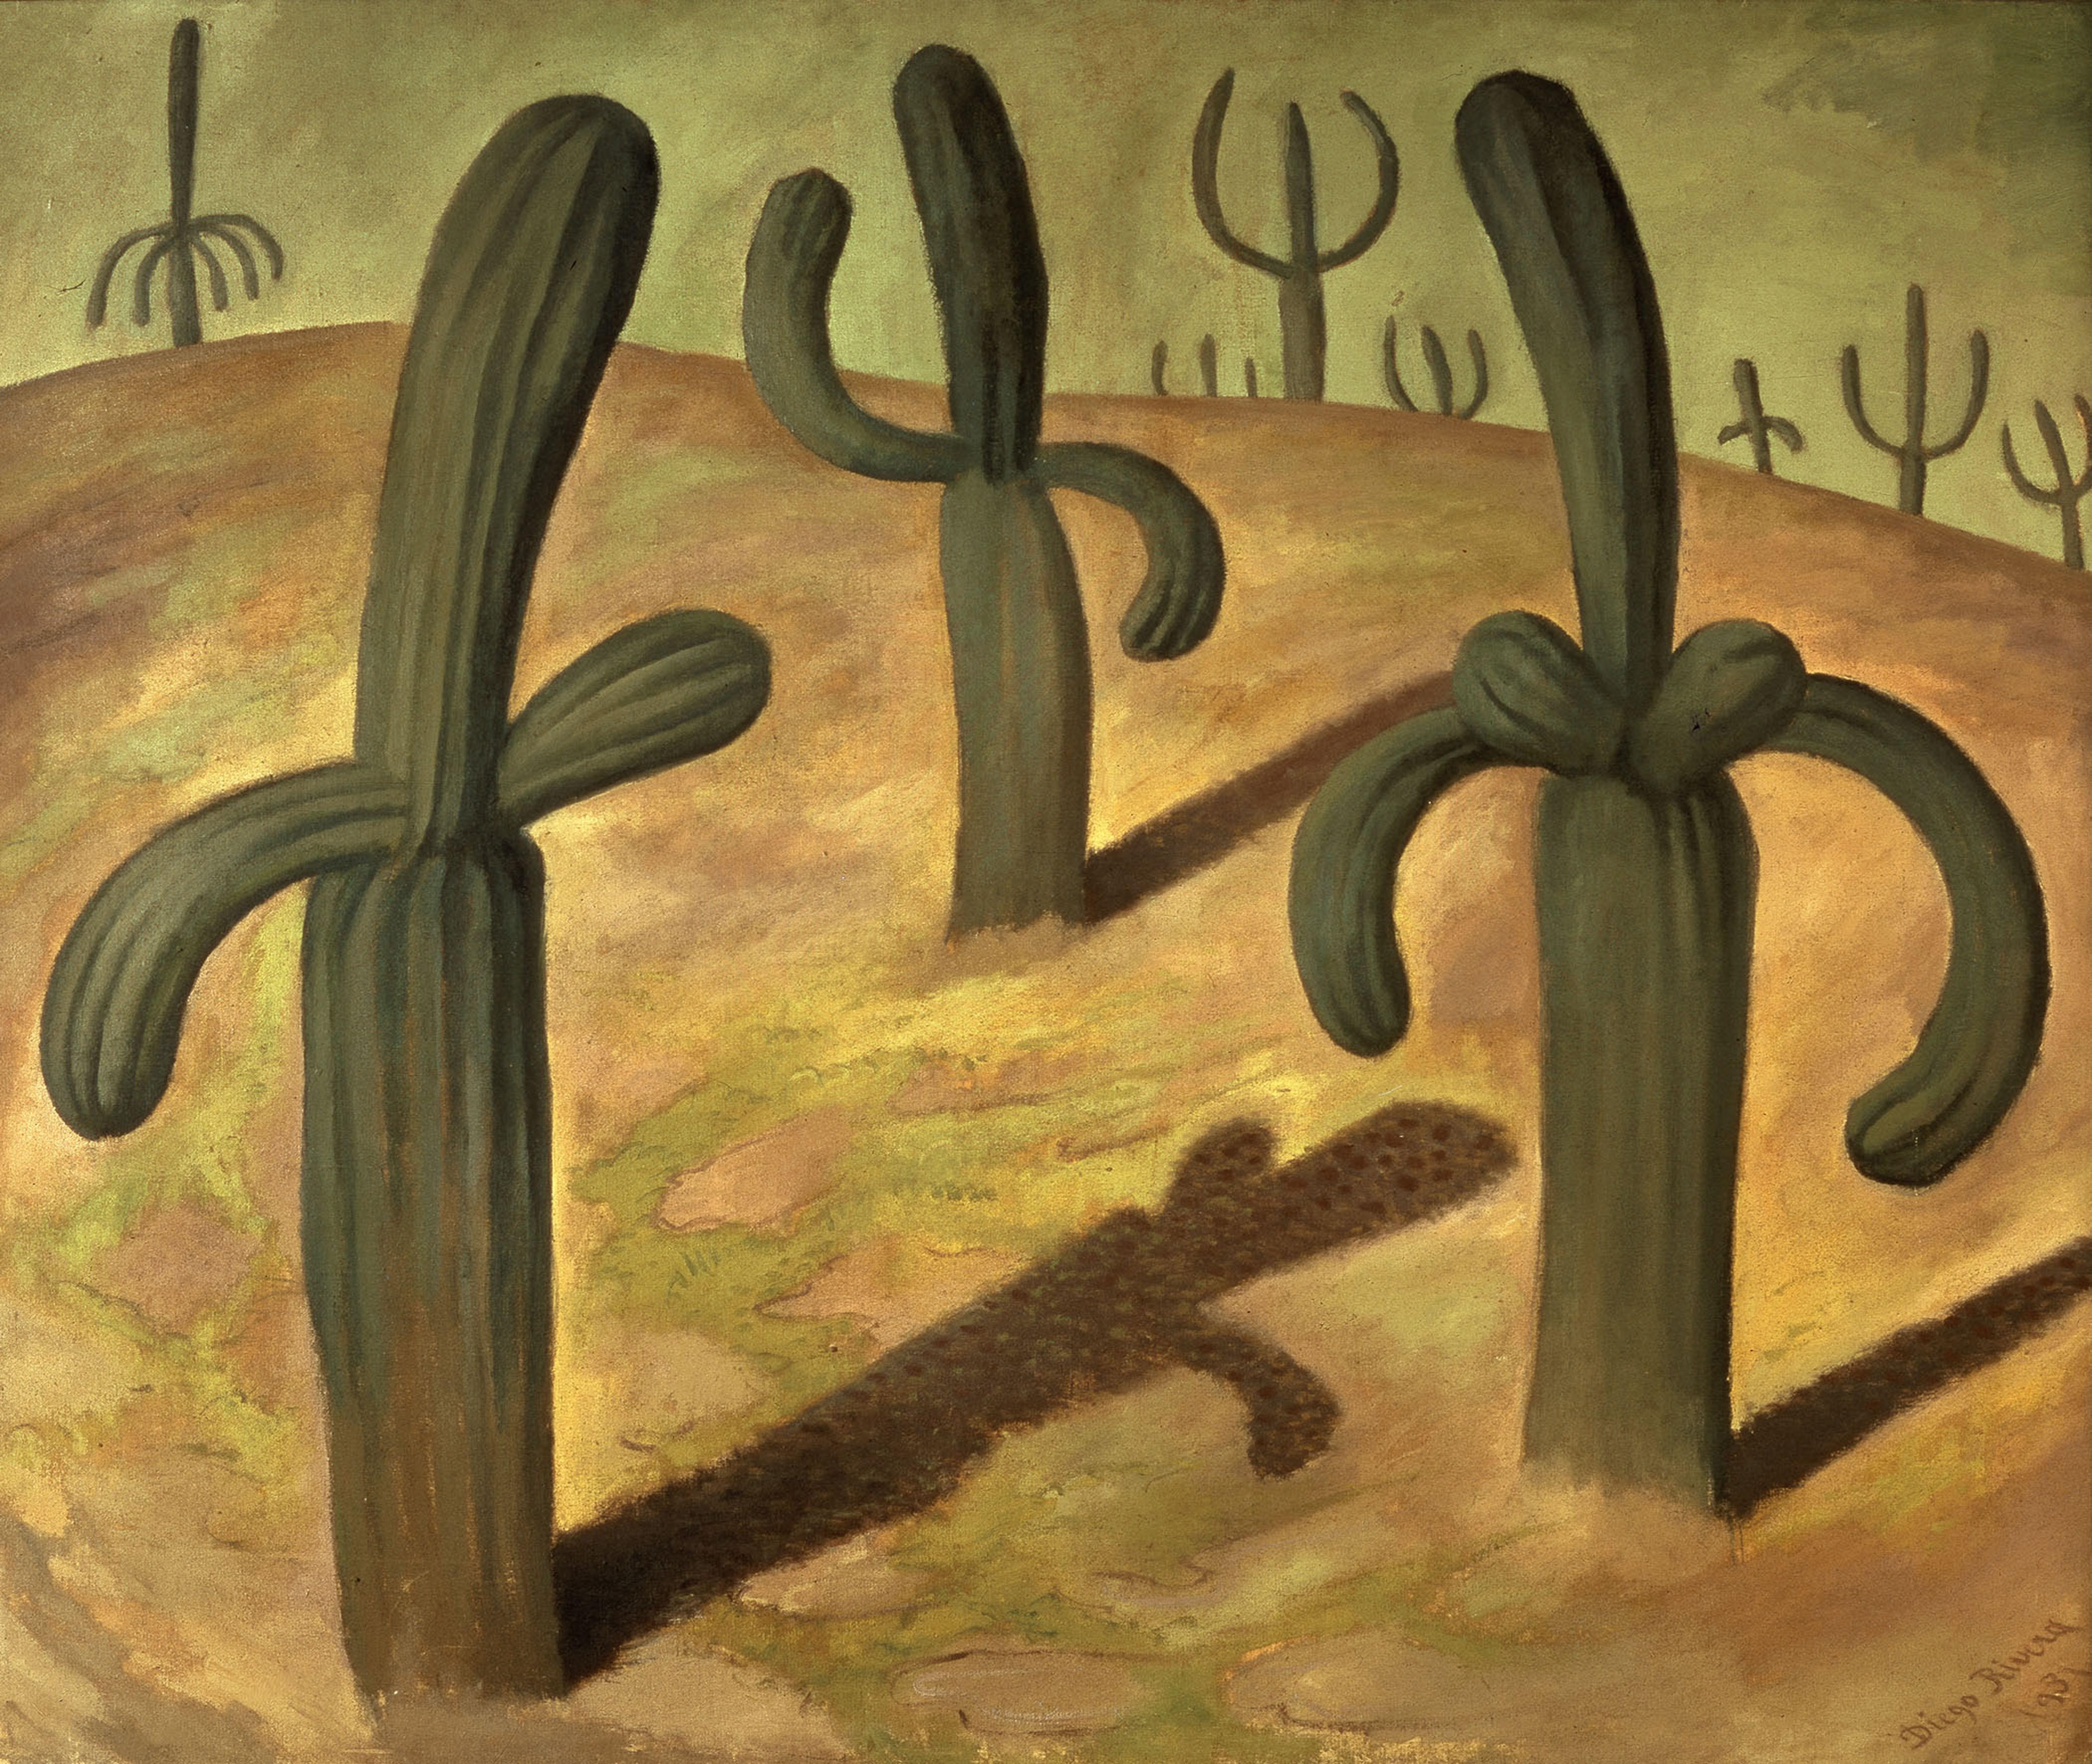 Paesaggio con cactus. Di Diego Rivera